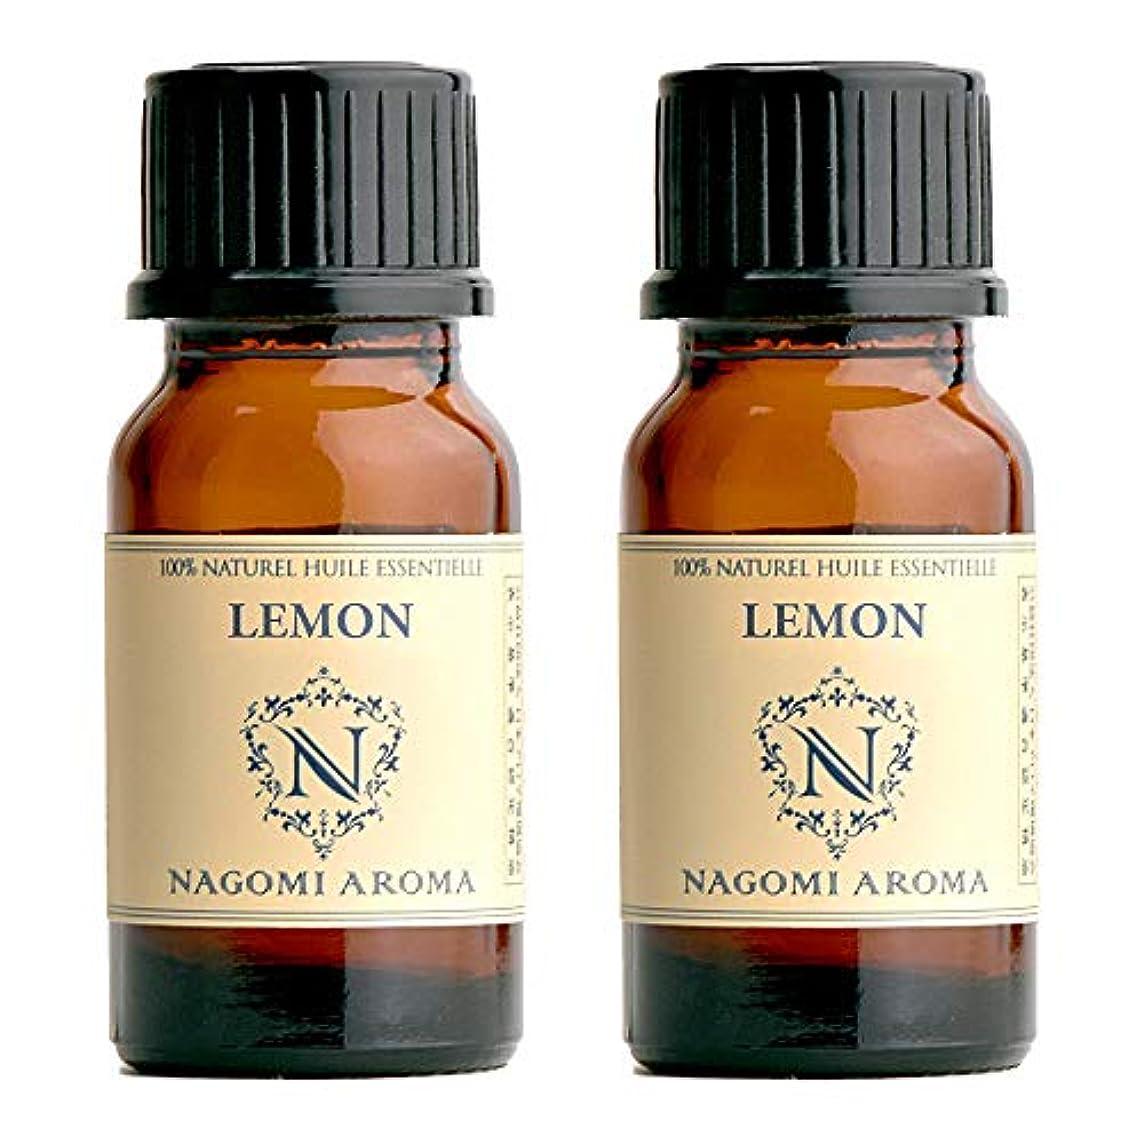 ファセット操作可能鉱夫NAGOMI AROMA レモン 10ml 【AEAJ認定精油】【アロマオイル】 2個セット